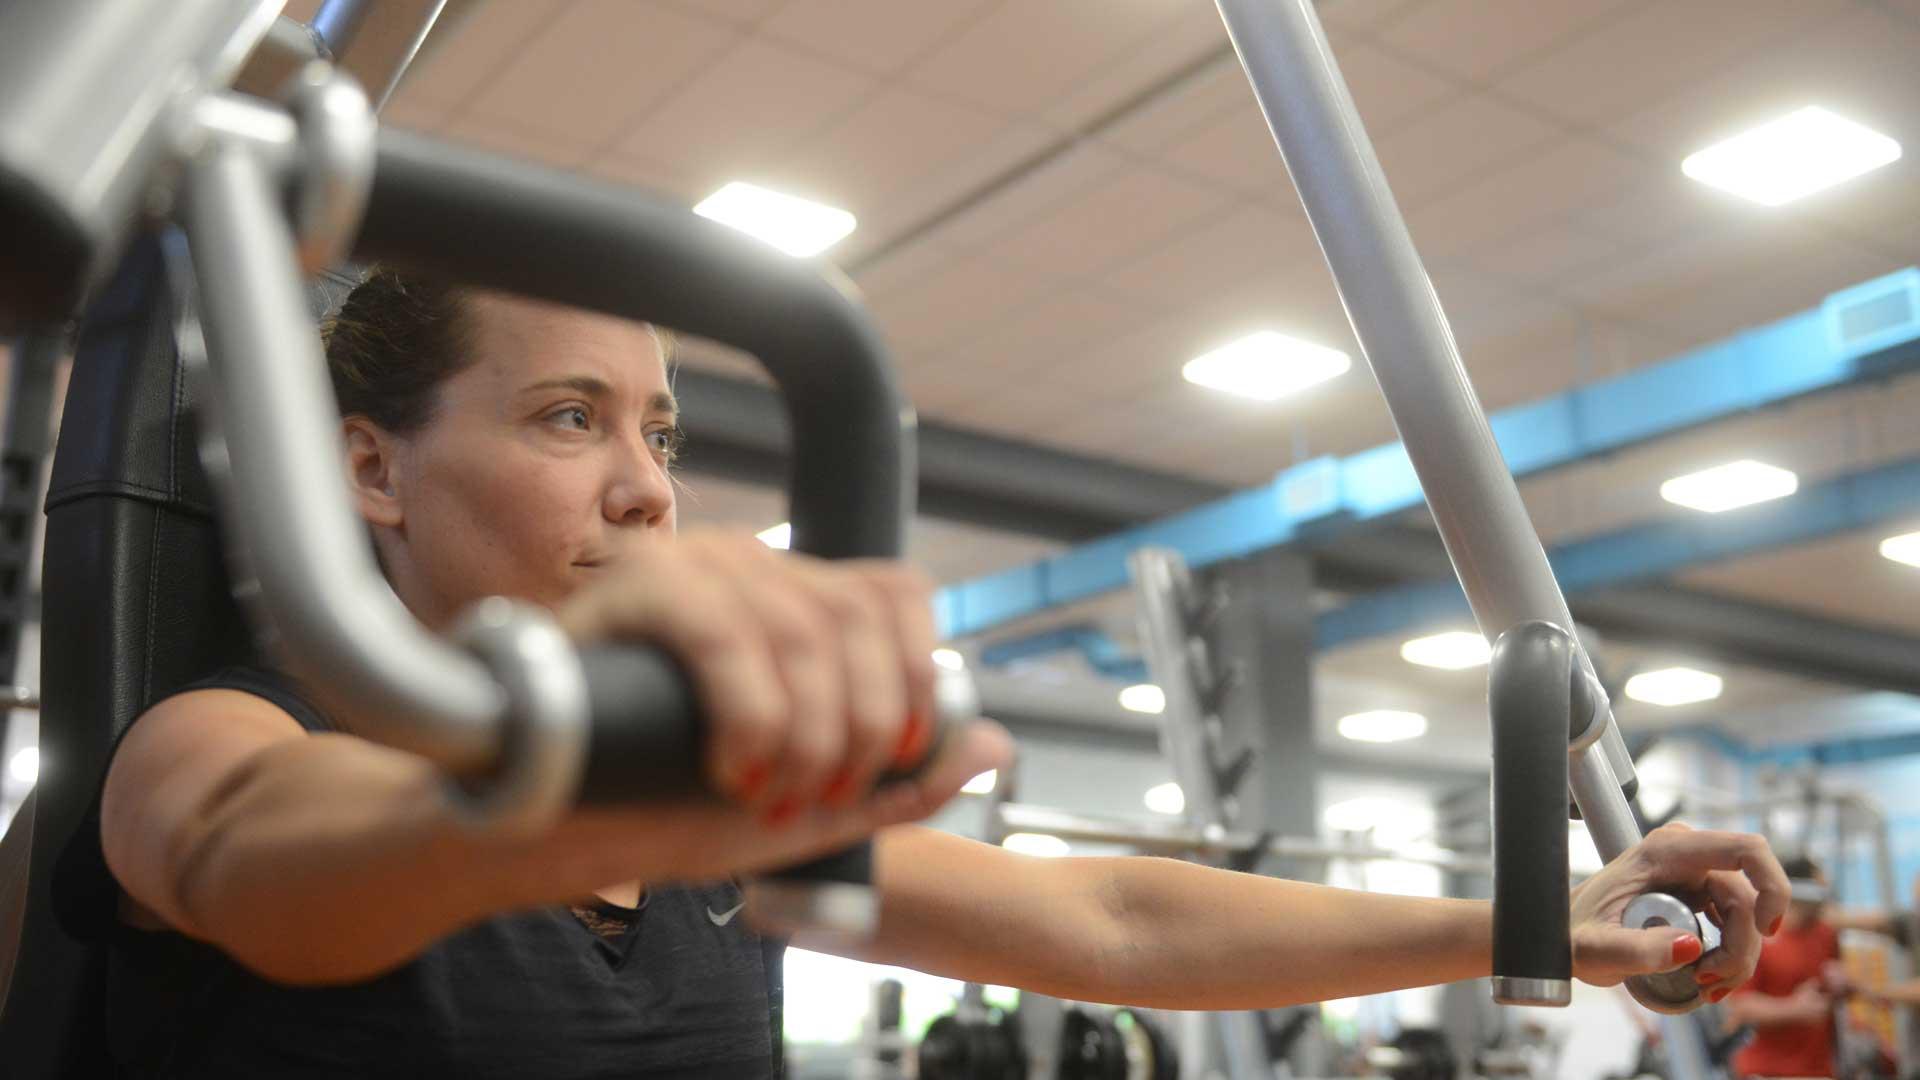 El entrenamiento es hoy parte de su rutina diaria. Foto: Fernando Calzada/DEF.